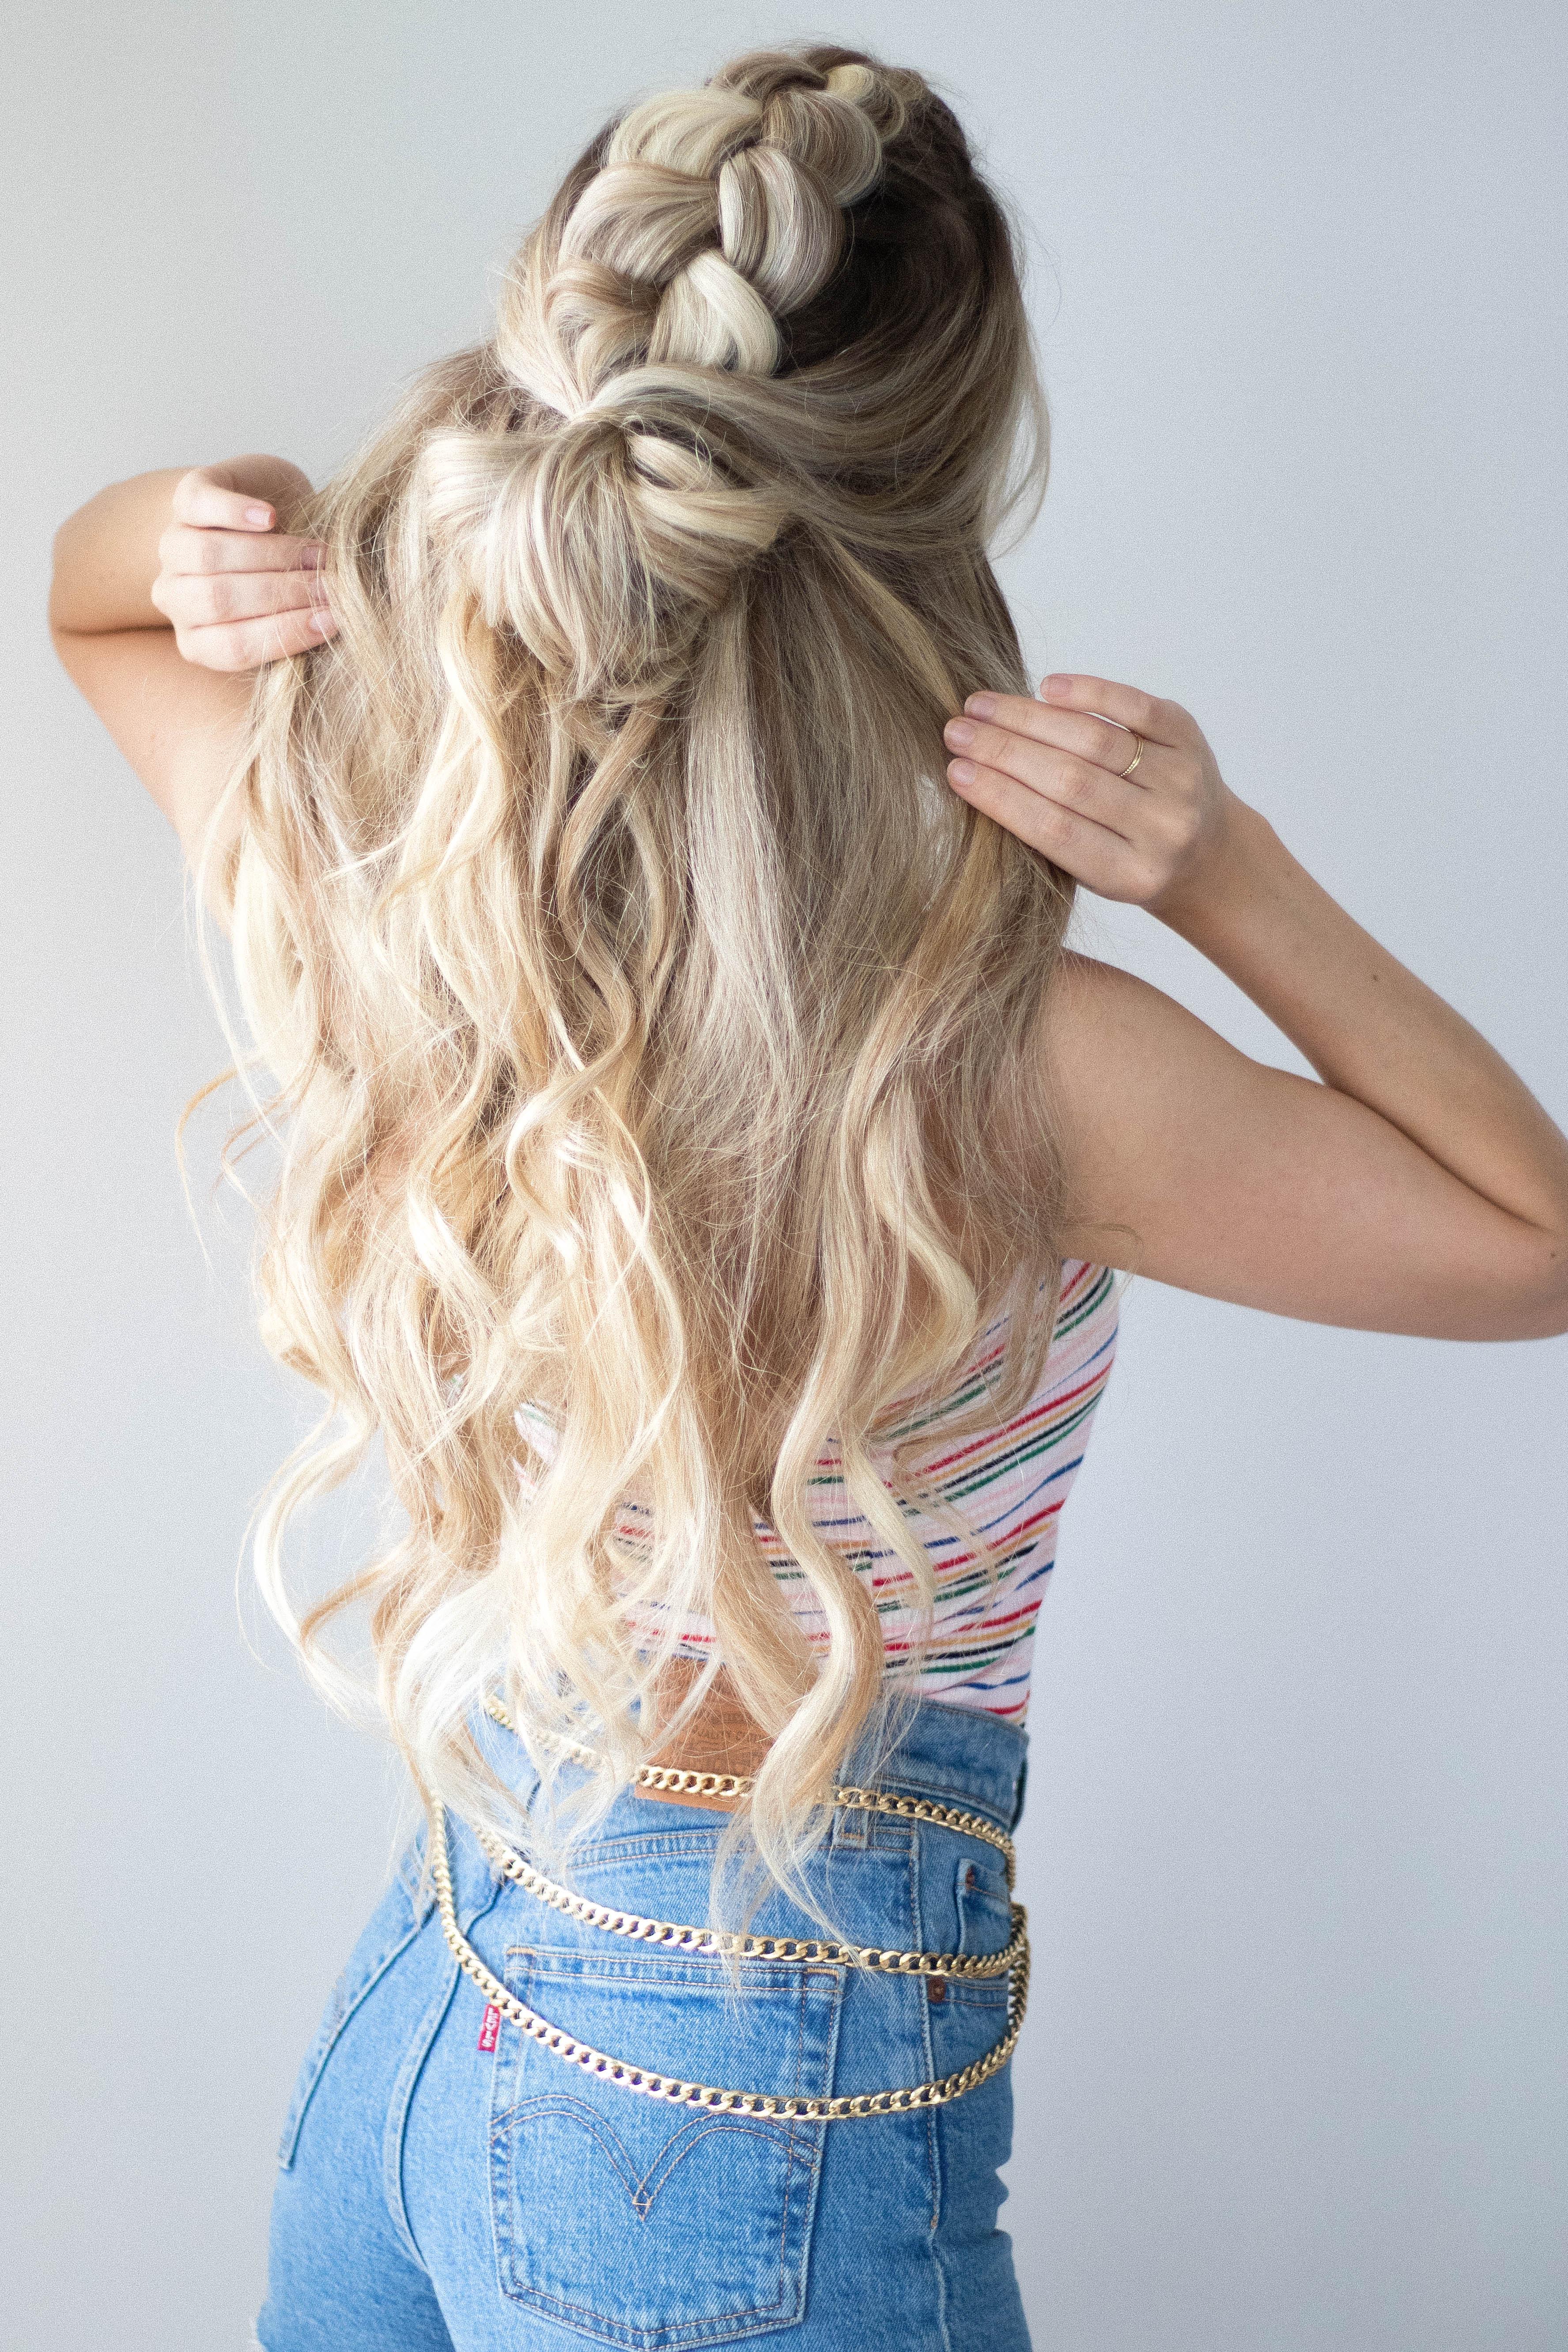 CUTE HALF UP HAIR TUTORIAL | www.alexgaboury.com